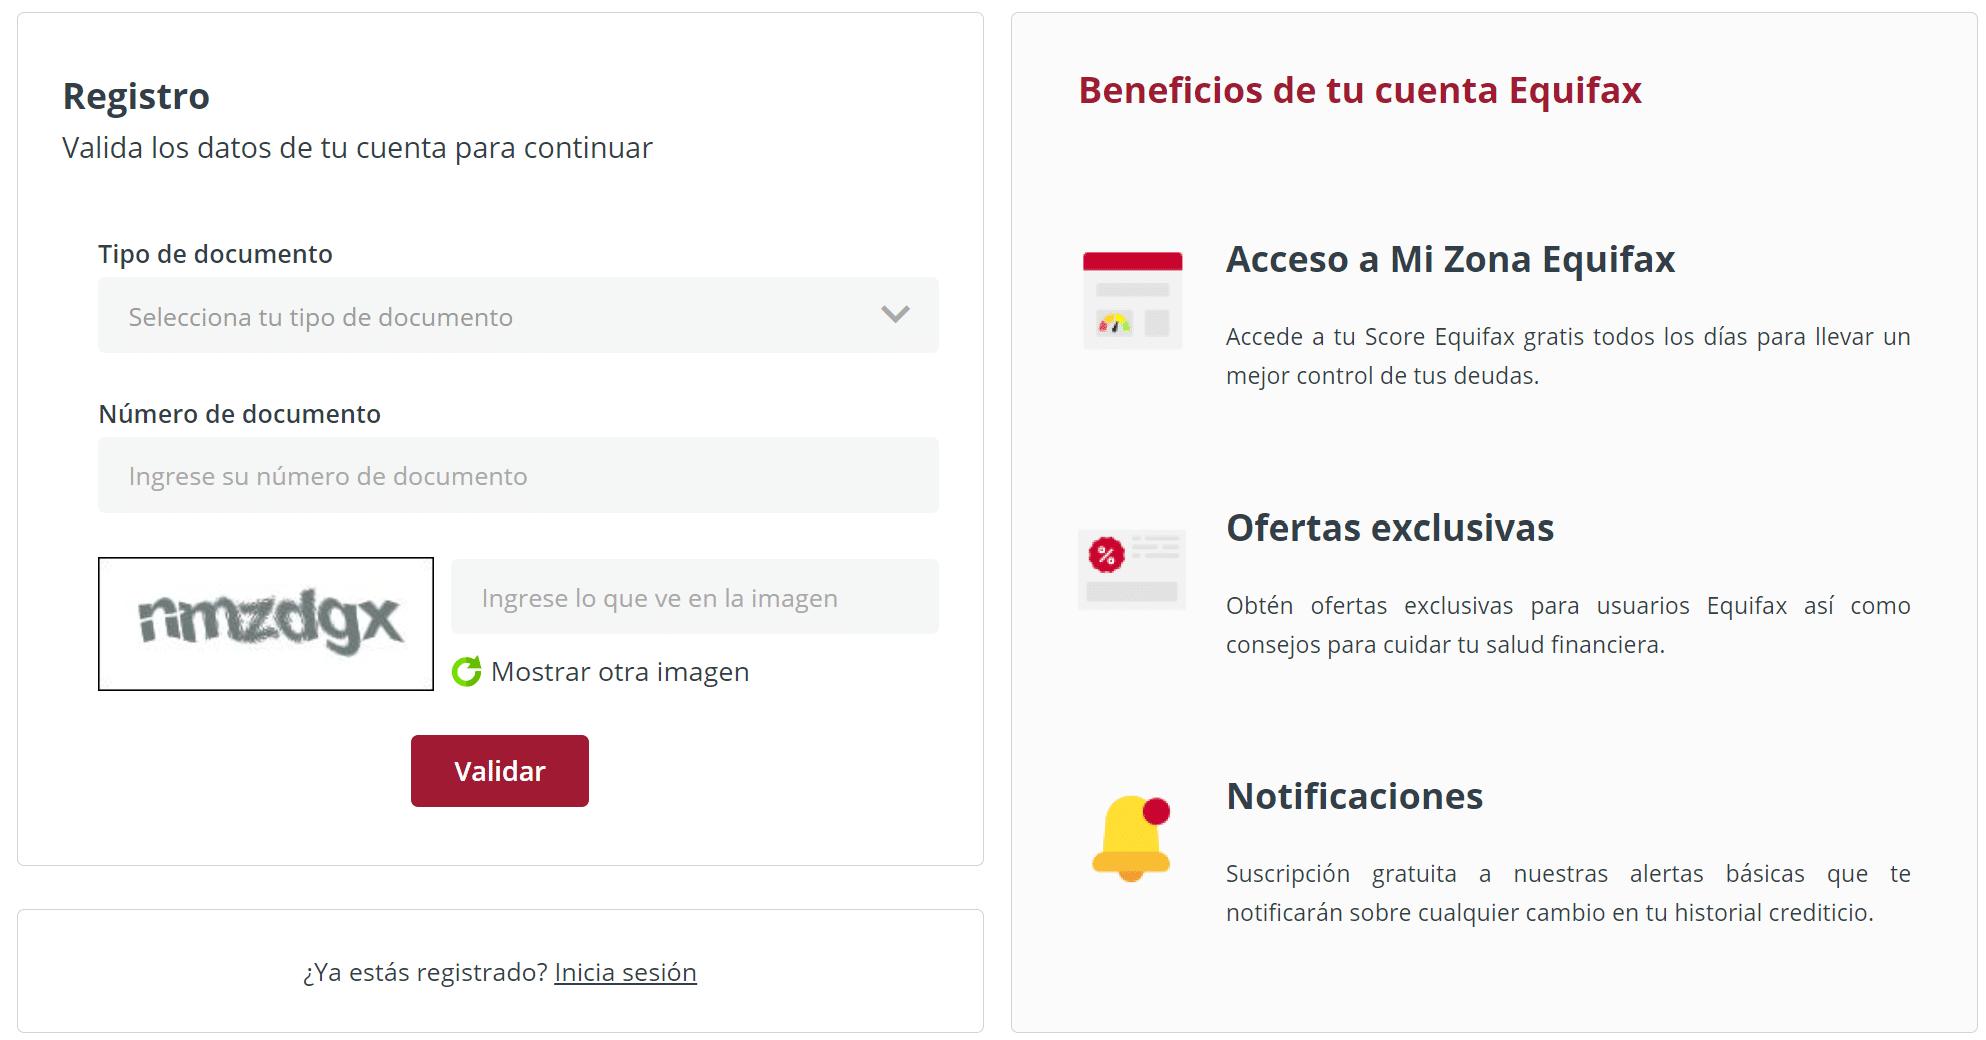 registro gratuito Equifax